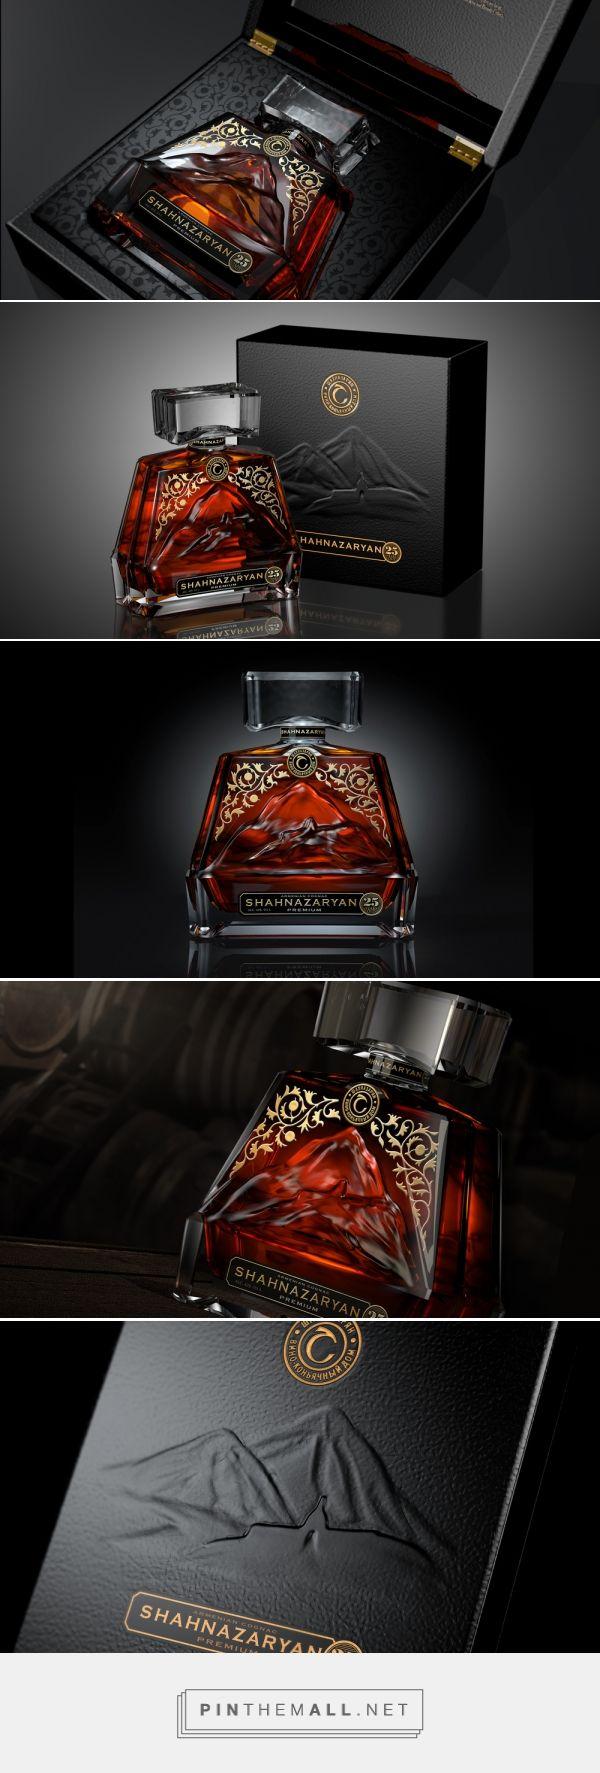 """""""Shahnazaryan"""" - premium cognac 25 years of aging by DSG"""